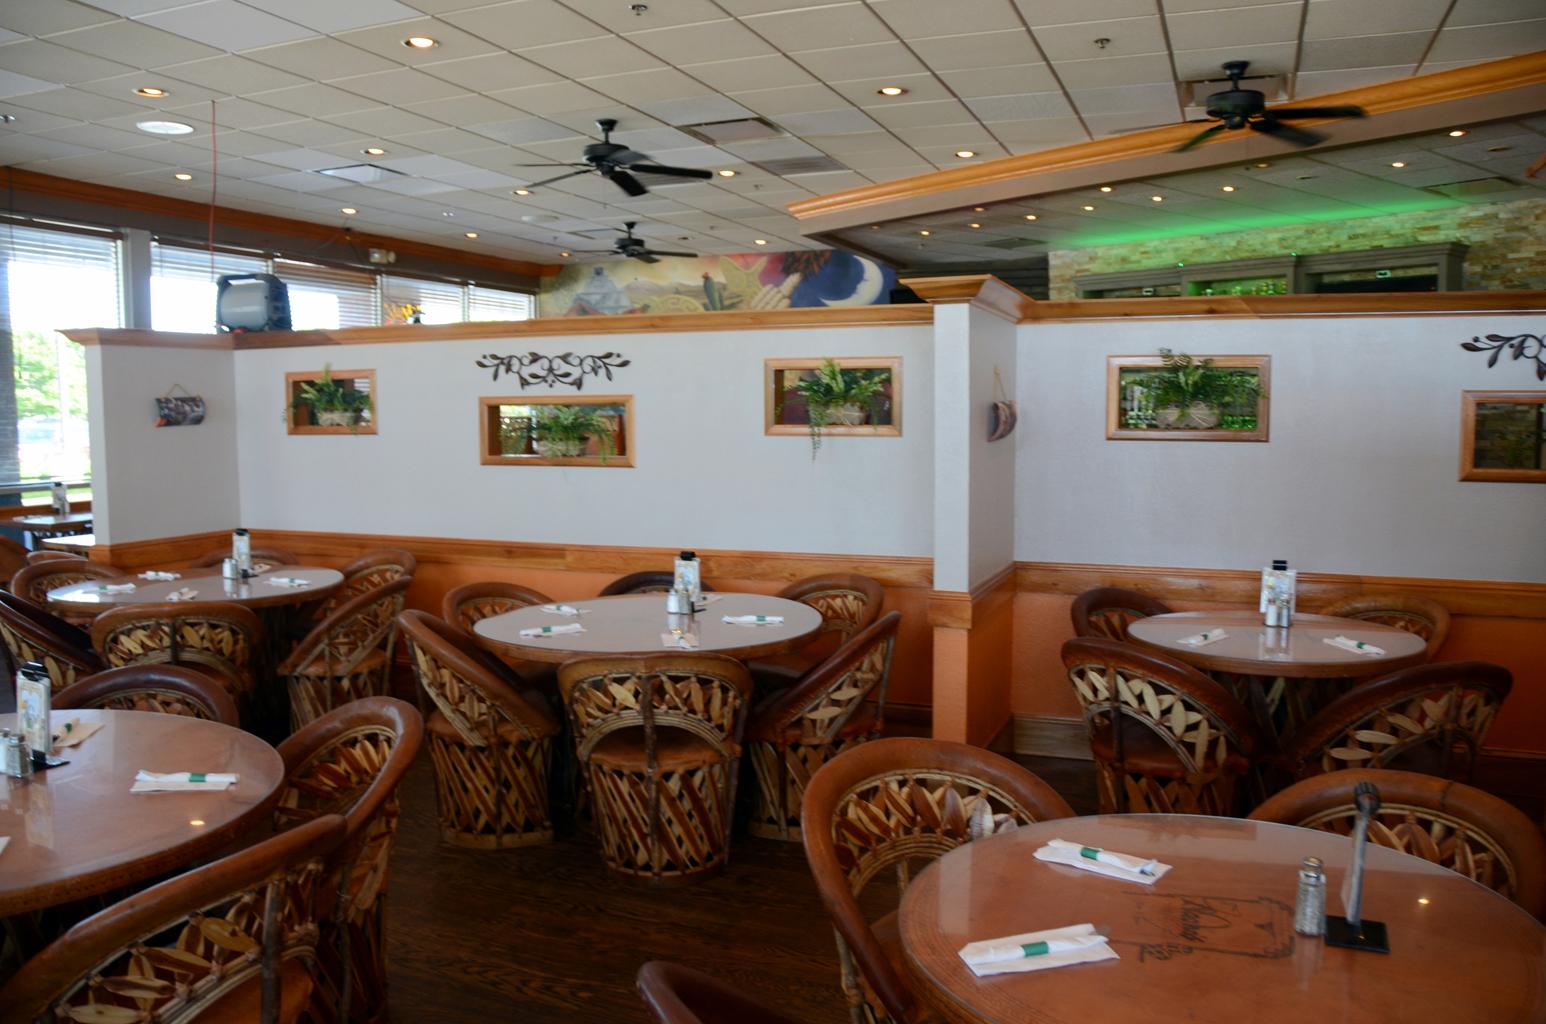 nachosmexicanrestaurant_23